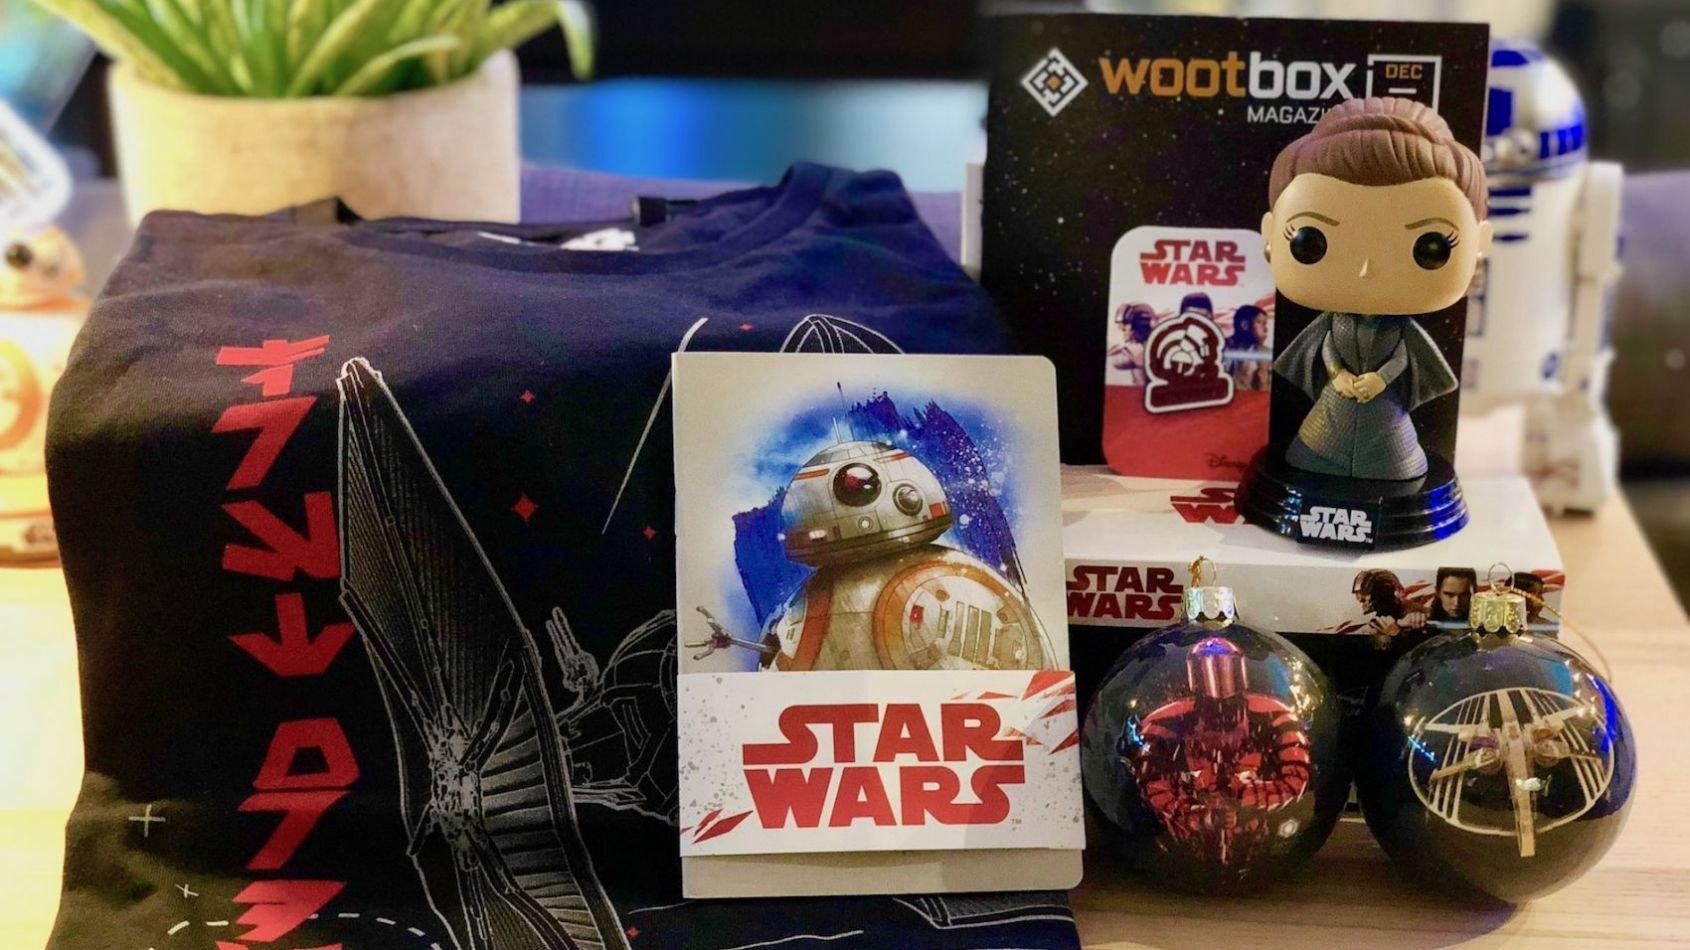 La Wootbox Star Wars avec une POP Les Derniers Jedi Exclusive !